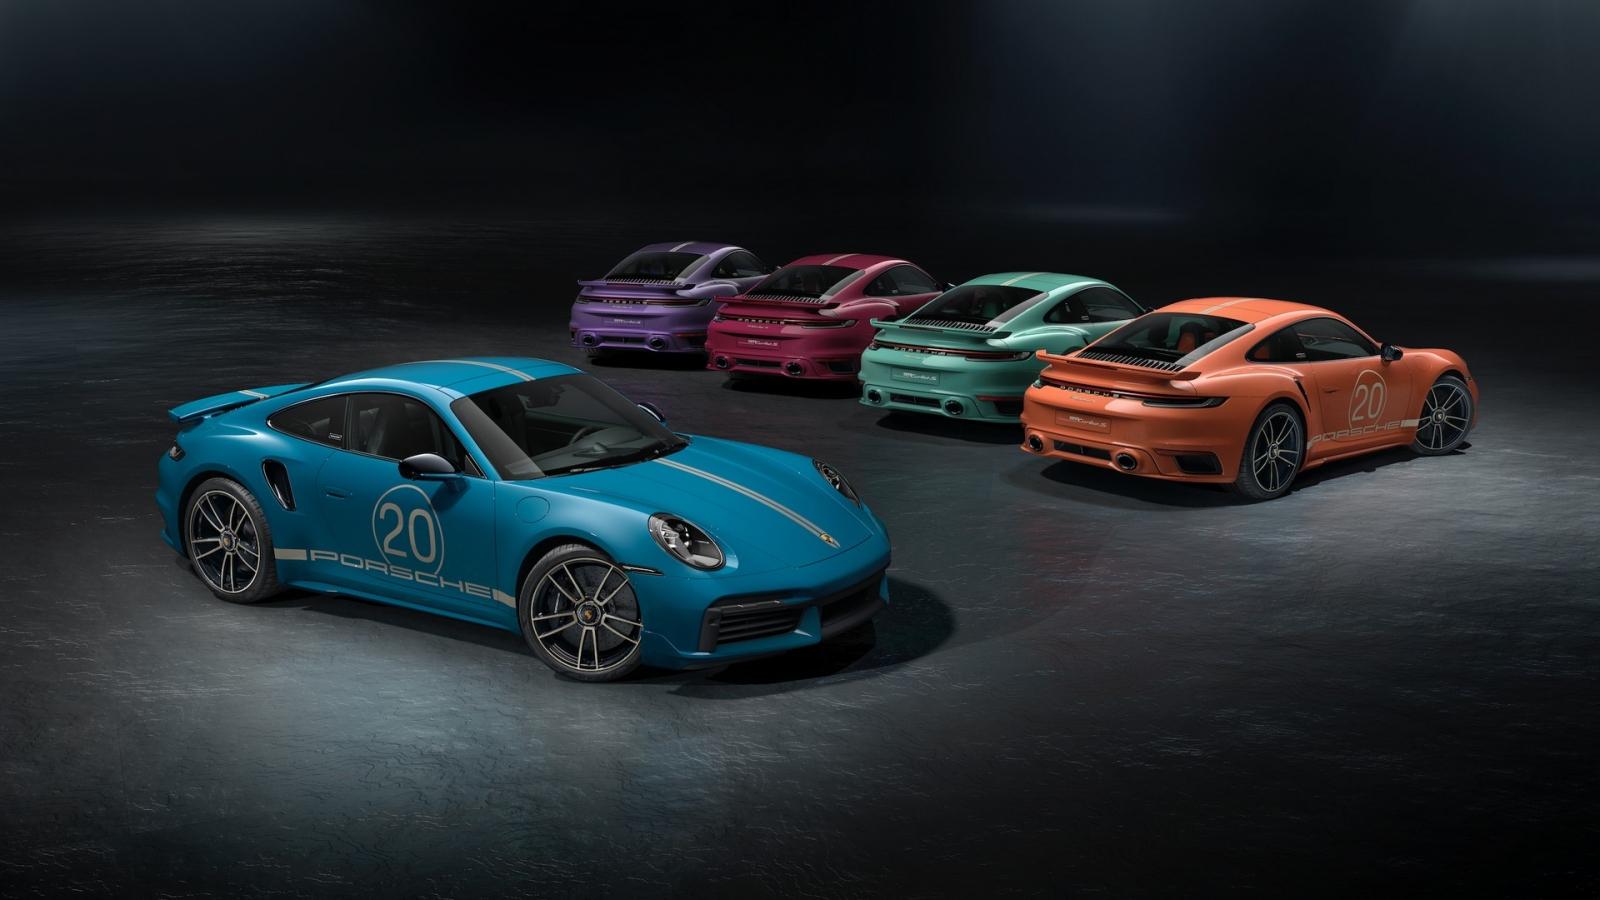 Porsche kỷ niệm 20 năm có mặt tại Trung Quốc bằng bản đặc biệt của 911 Turbo S